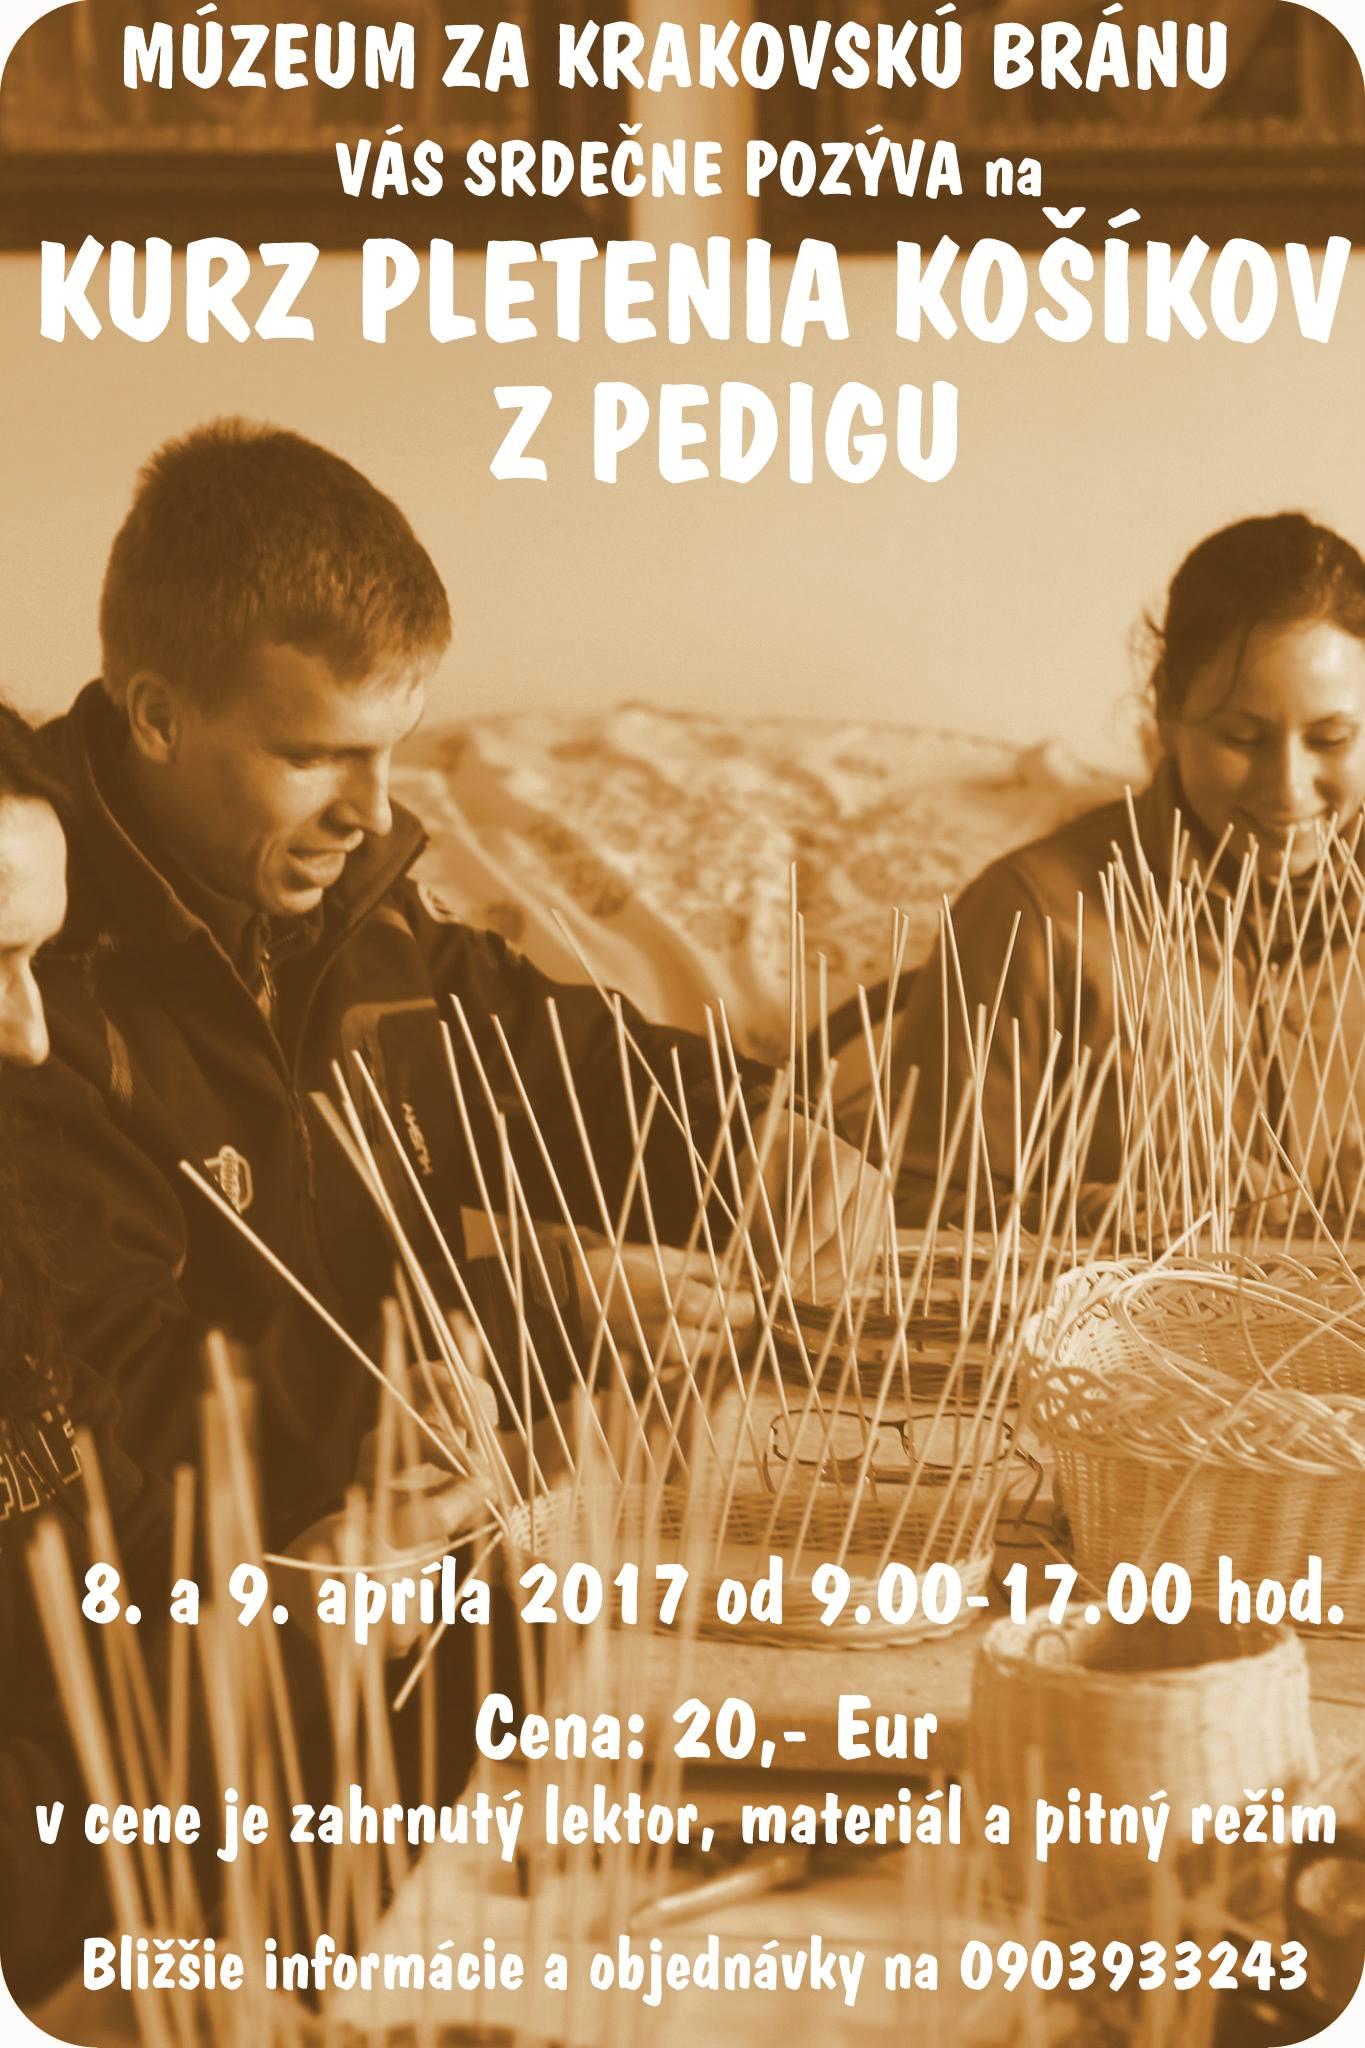 pletenie kosikov plagat 2017